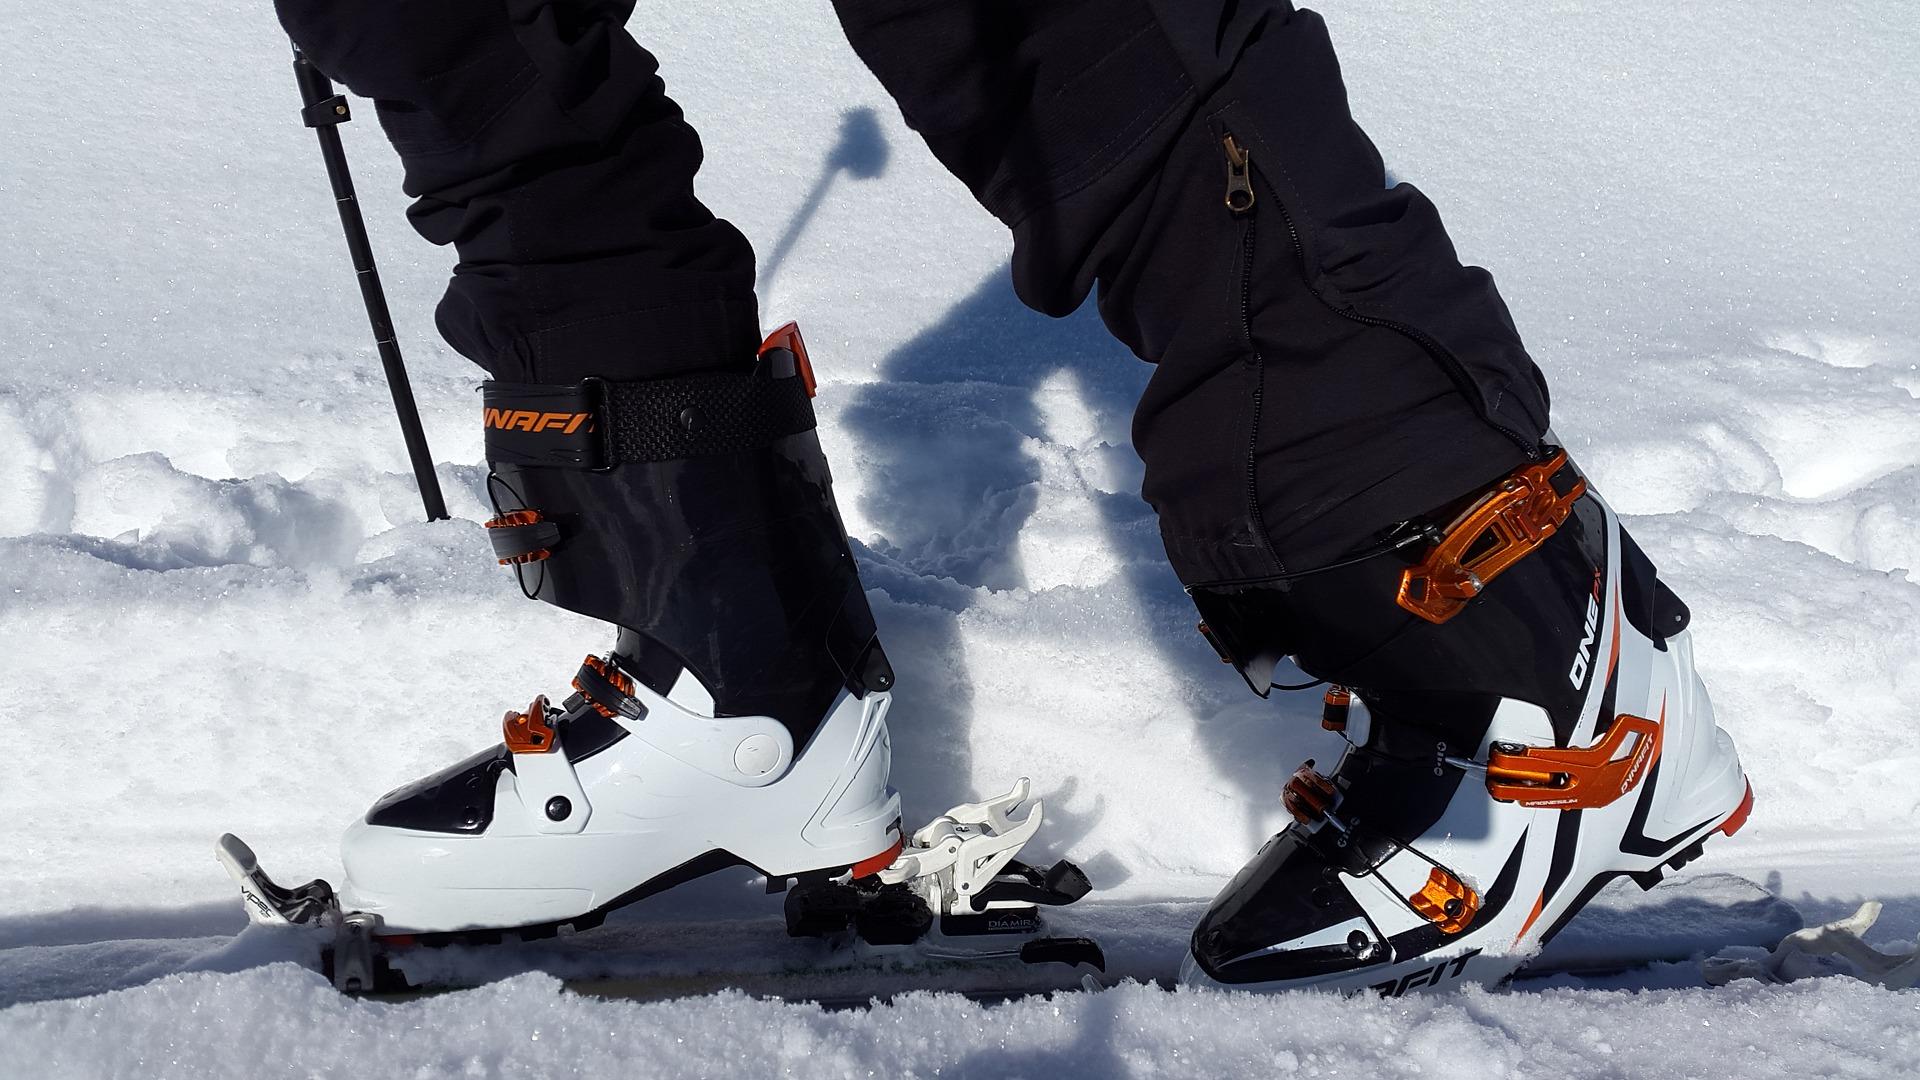 touring-skis-651360_1920.jpg